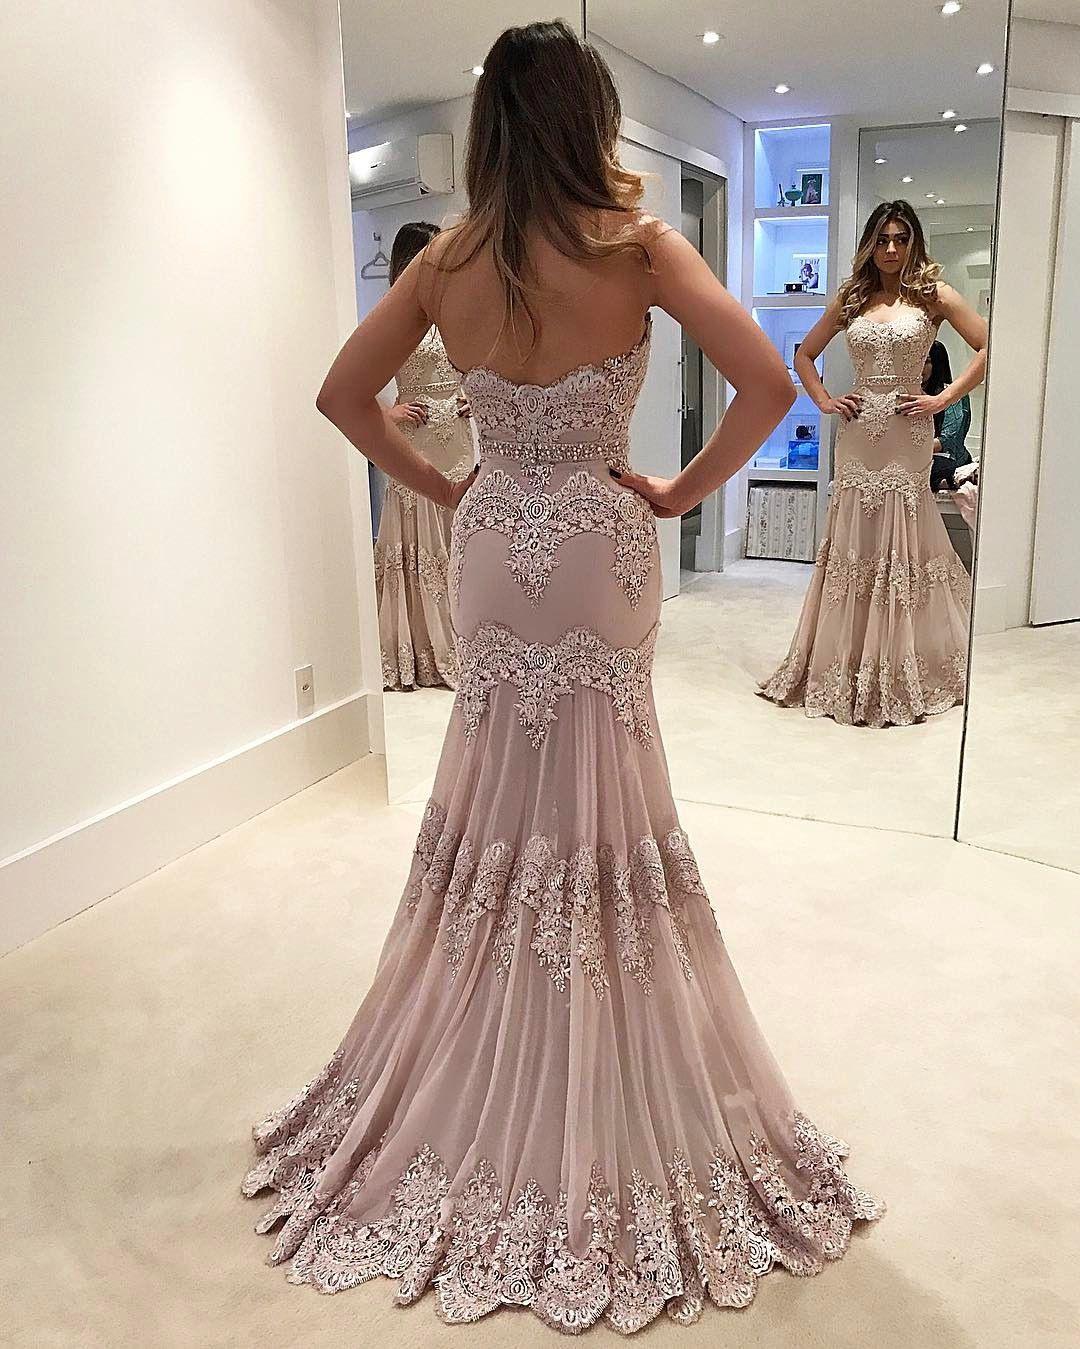 20 Erstaunlich Abendkleider Kaufen Online Stylish10 Luxus Abendkleider Kaufen Online Ärmel